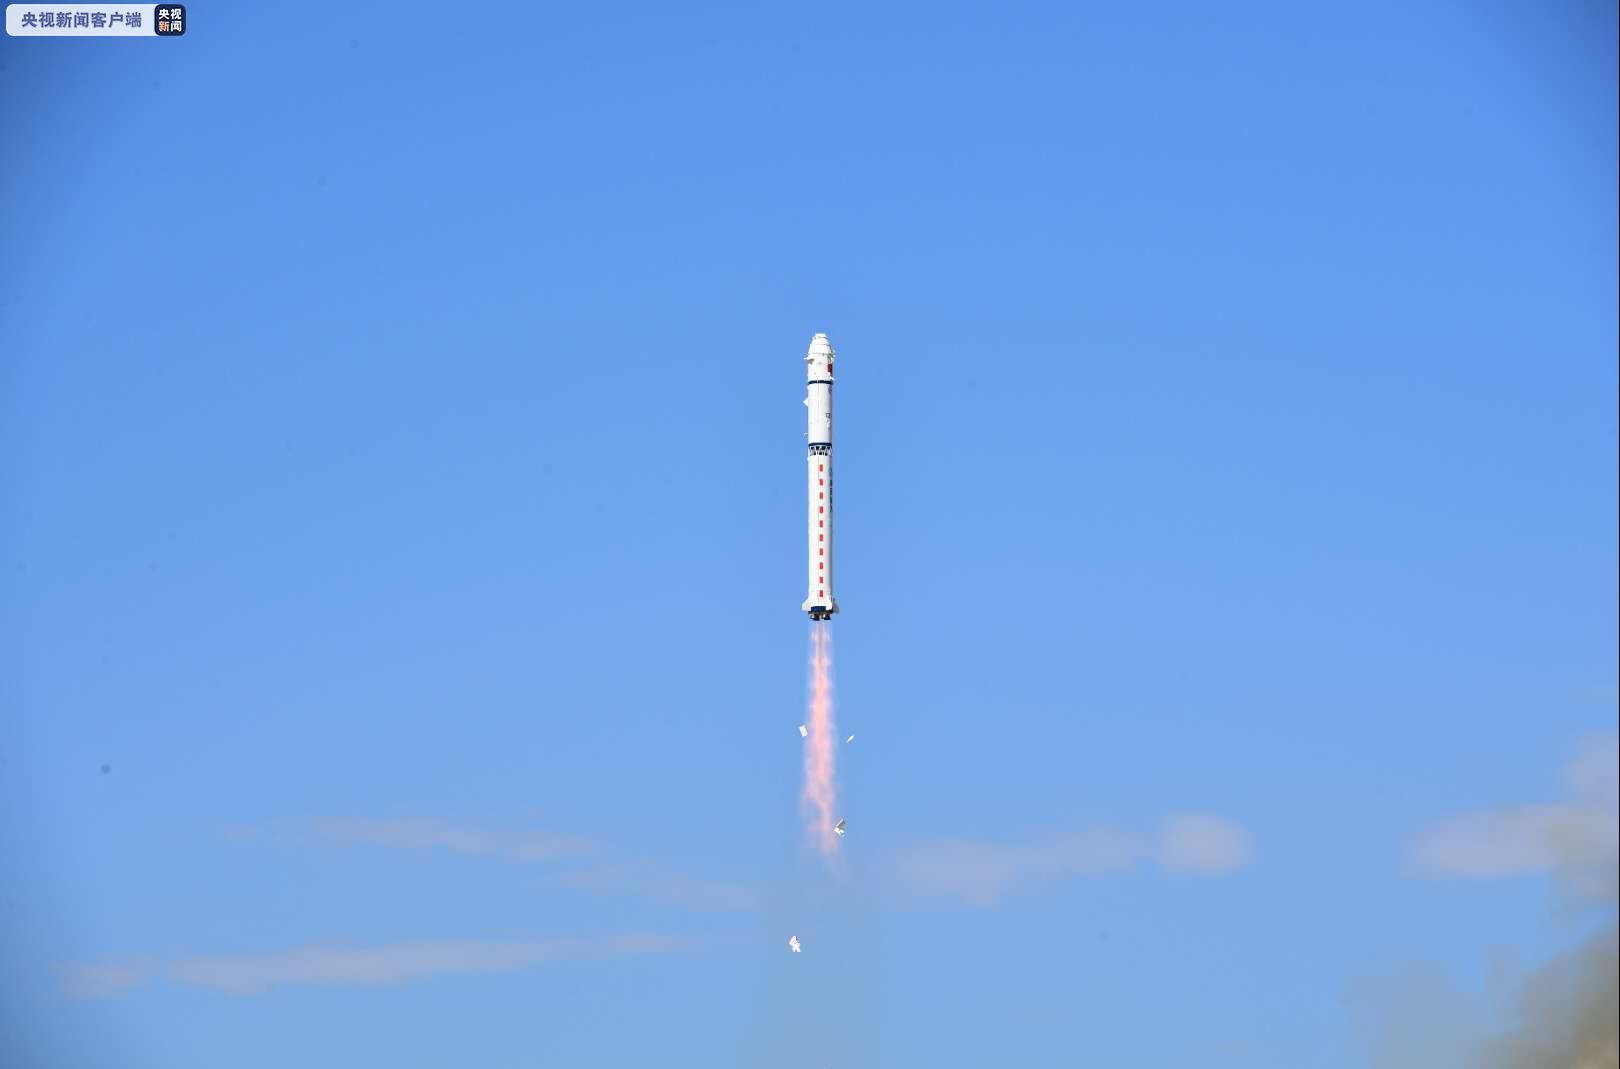 分辨率可达亚米级 高分九号05星发射成功!